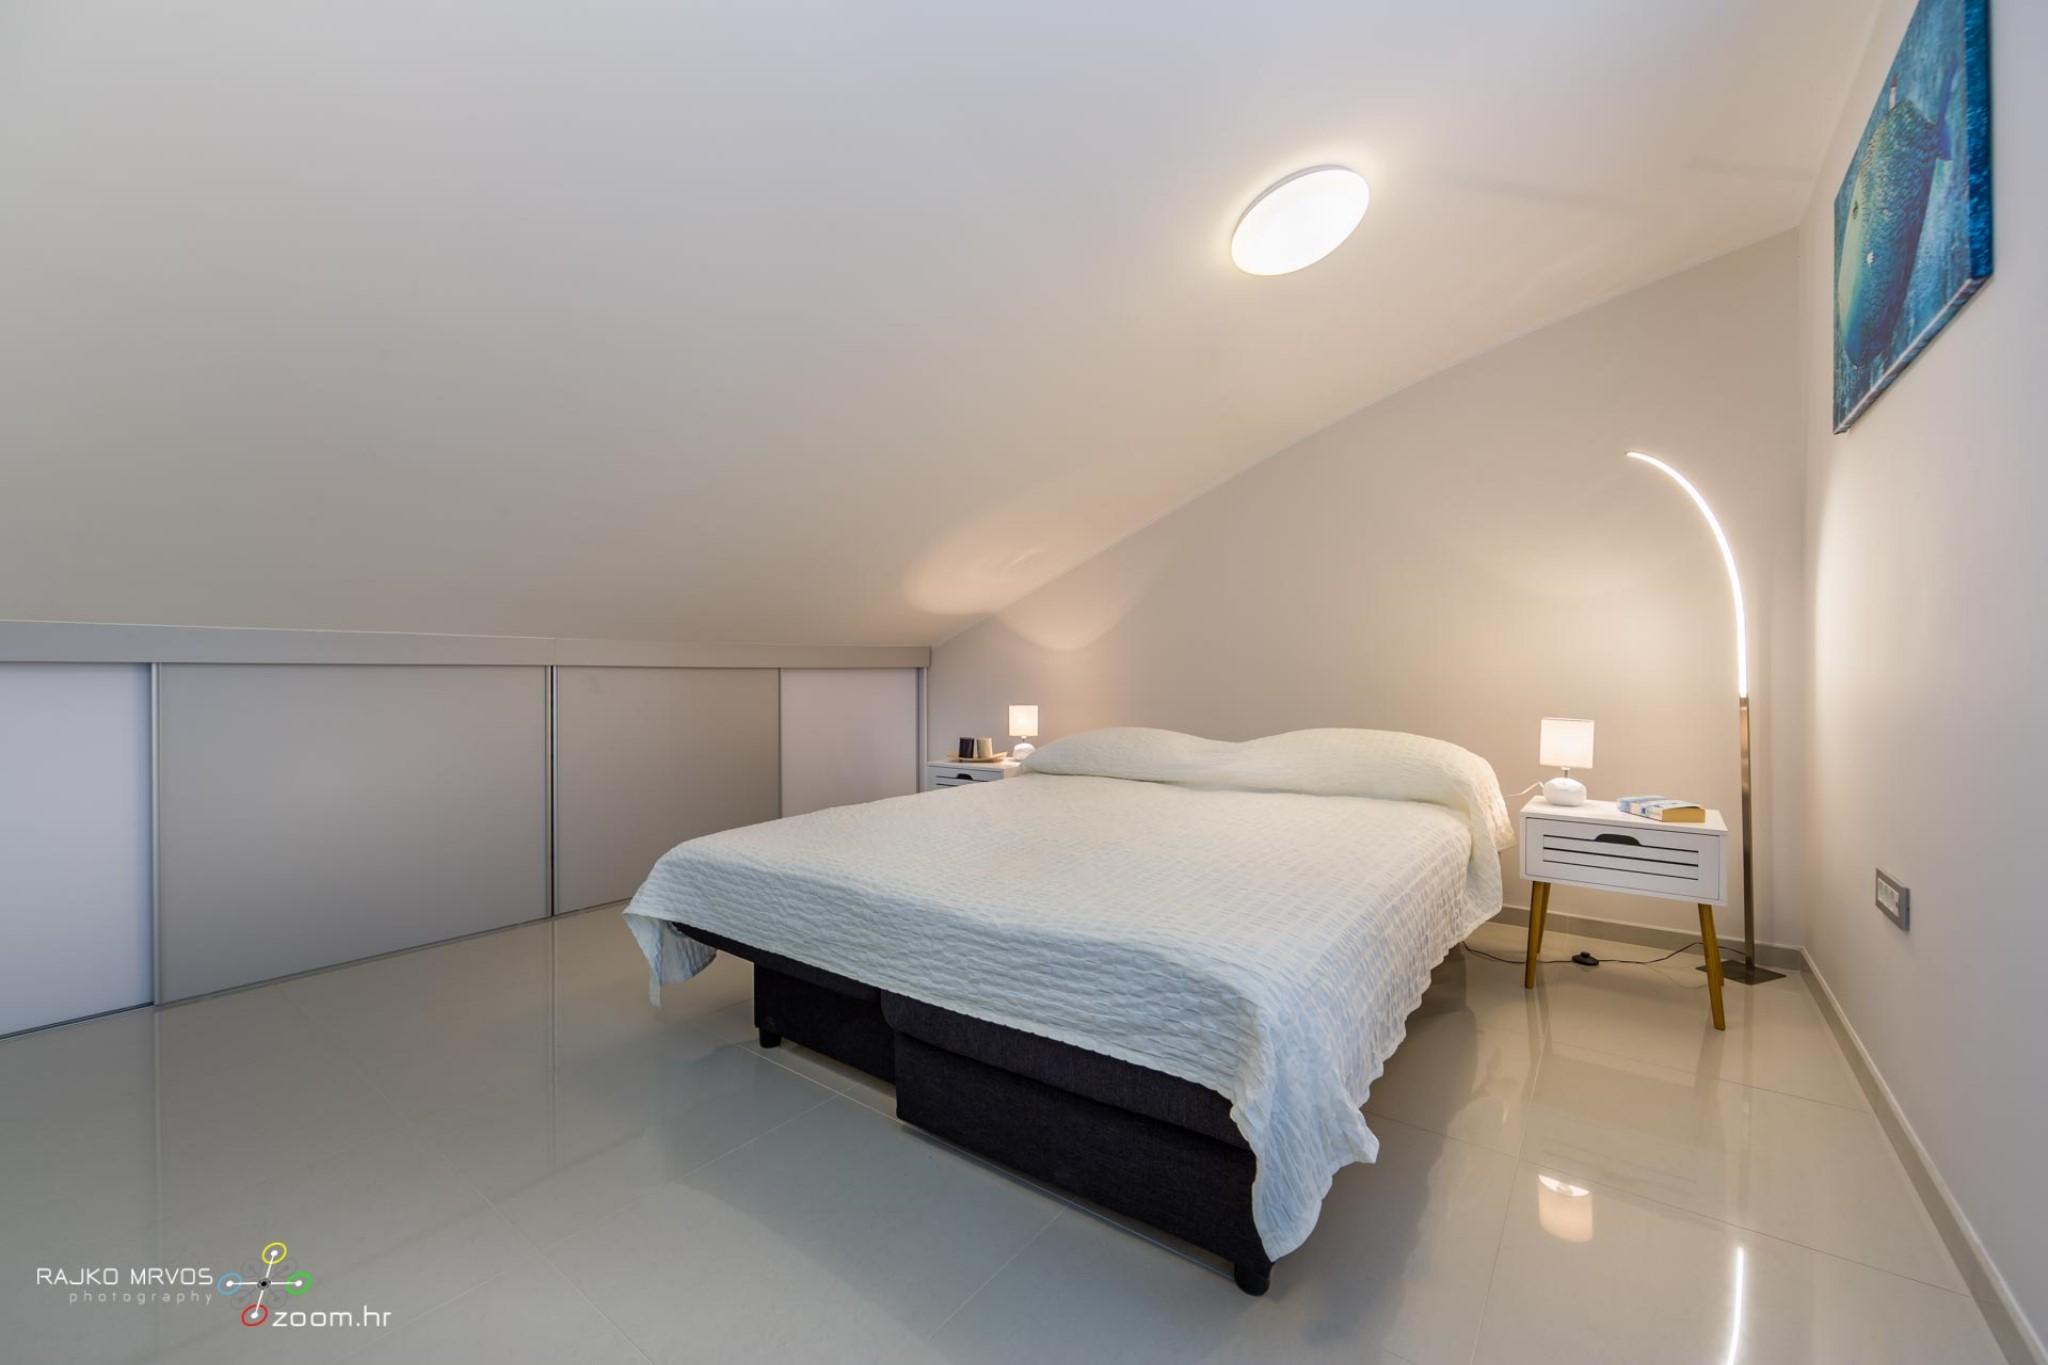 fotografiranje-interijera-fotograf-eksterijera-apartmana-vila-kuca-hotela-apartman-Pobri-Opatija-60